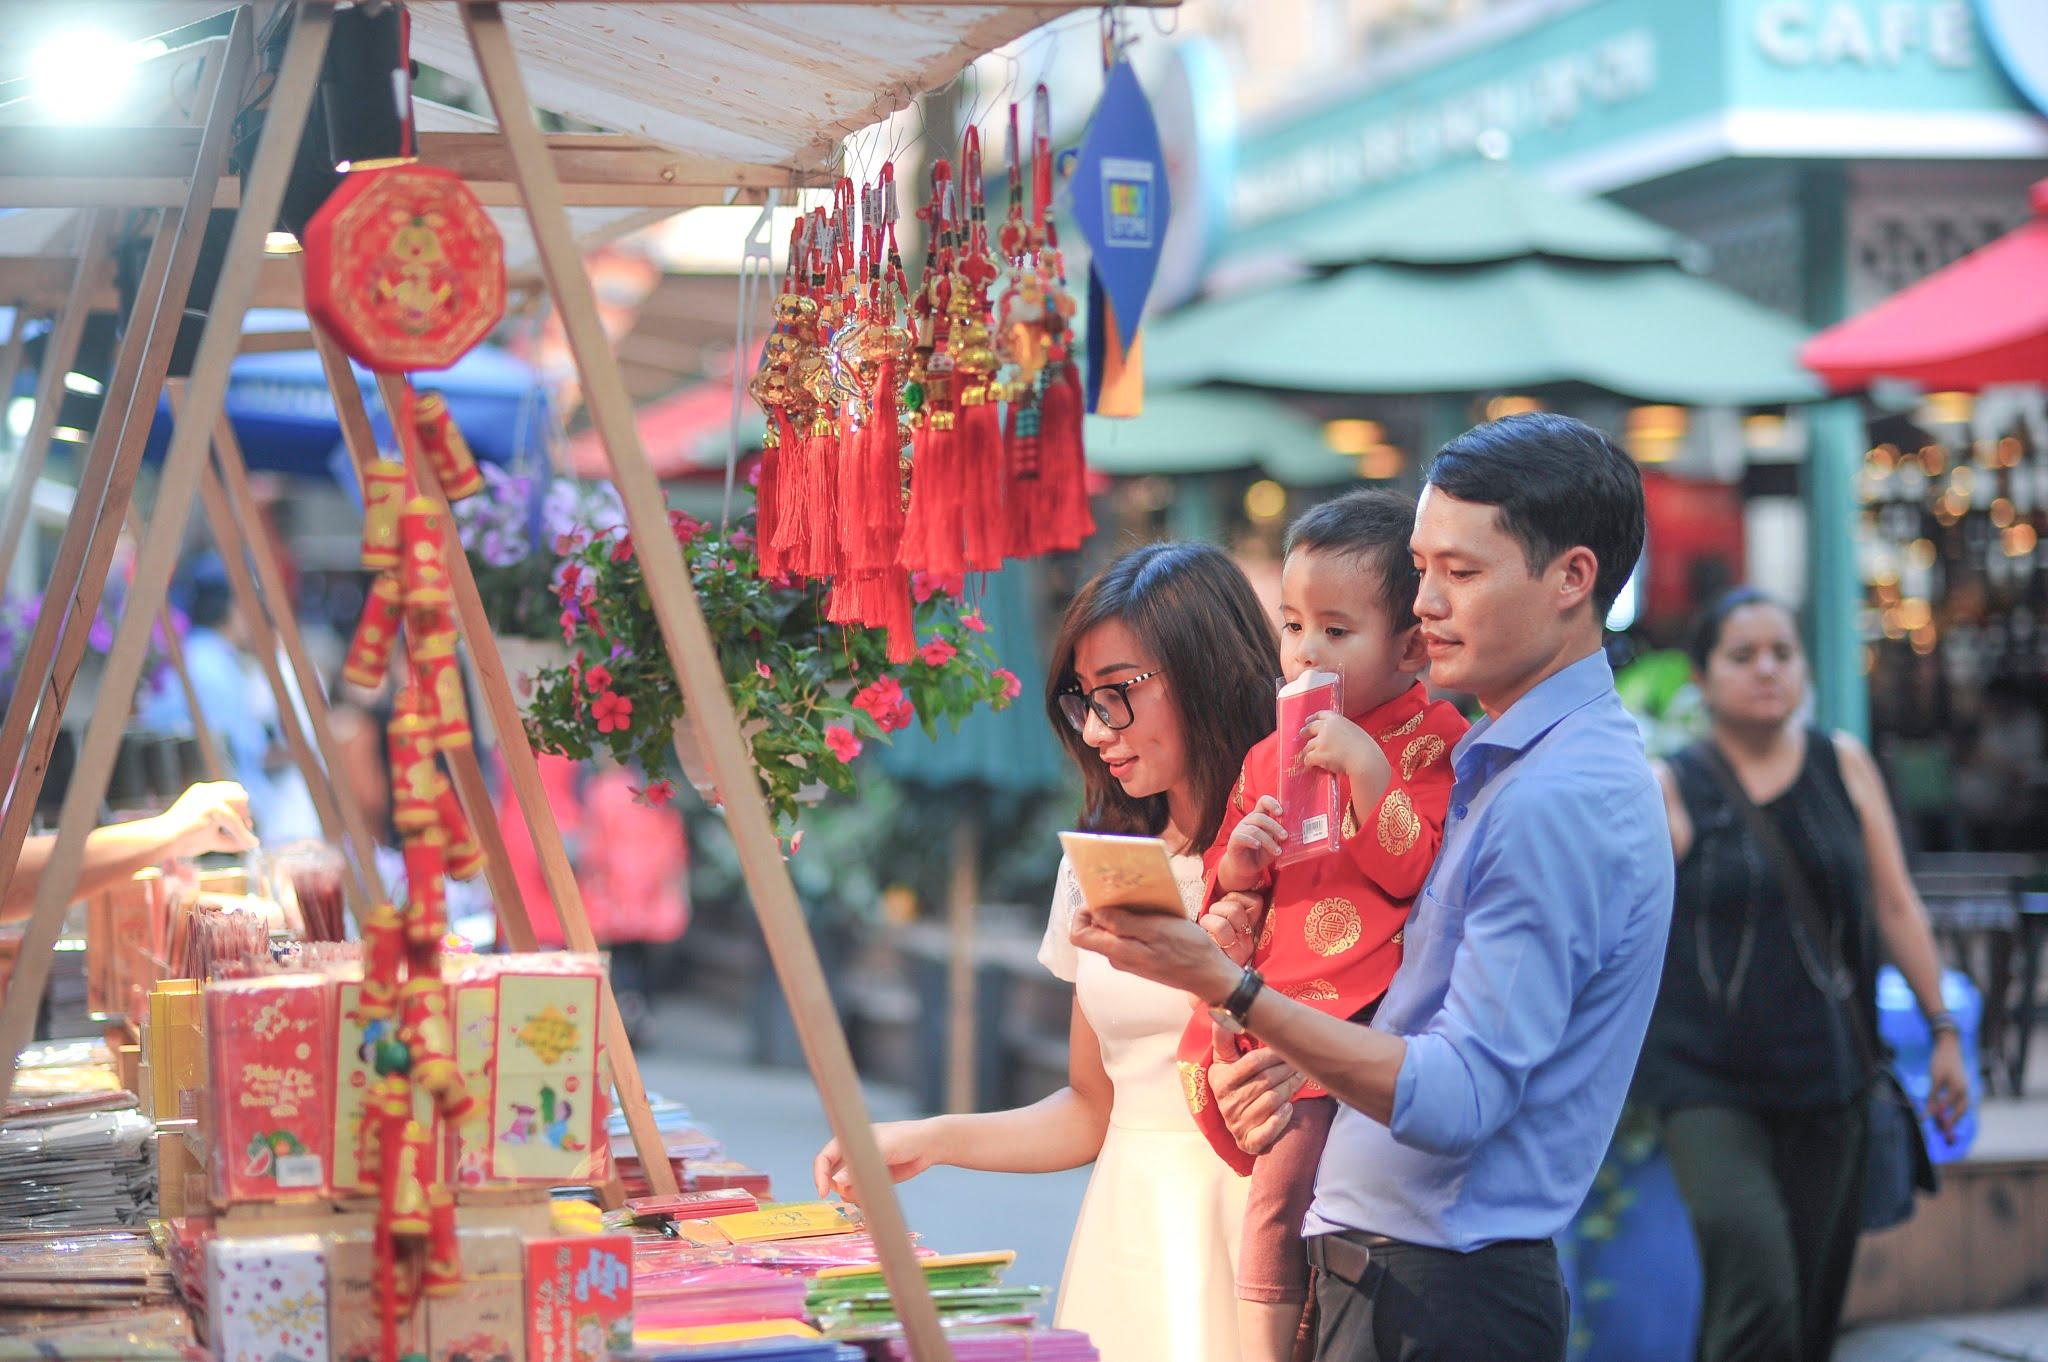 DSC 6725 - Ảnh chụp gia đình anh Phong Hồ, Quận 1 Tp.HCM